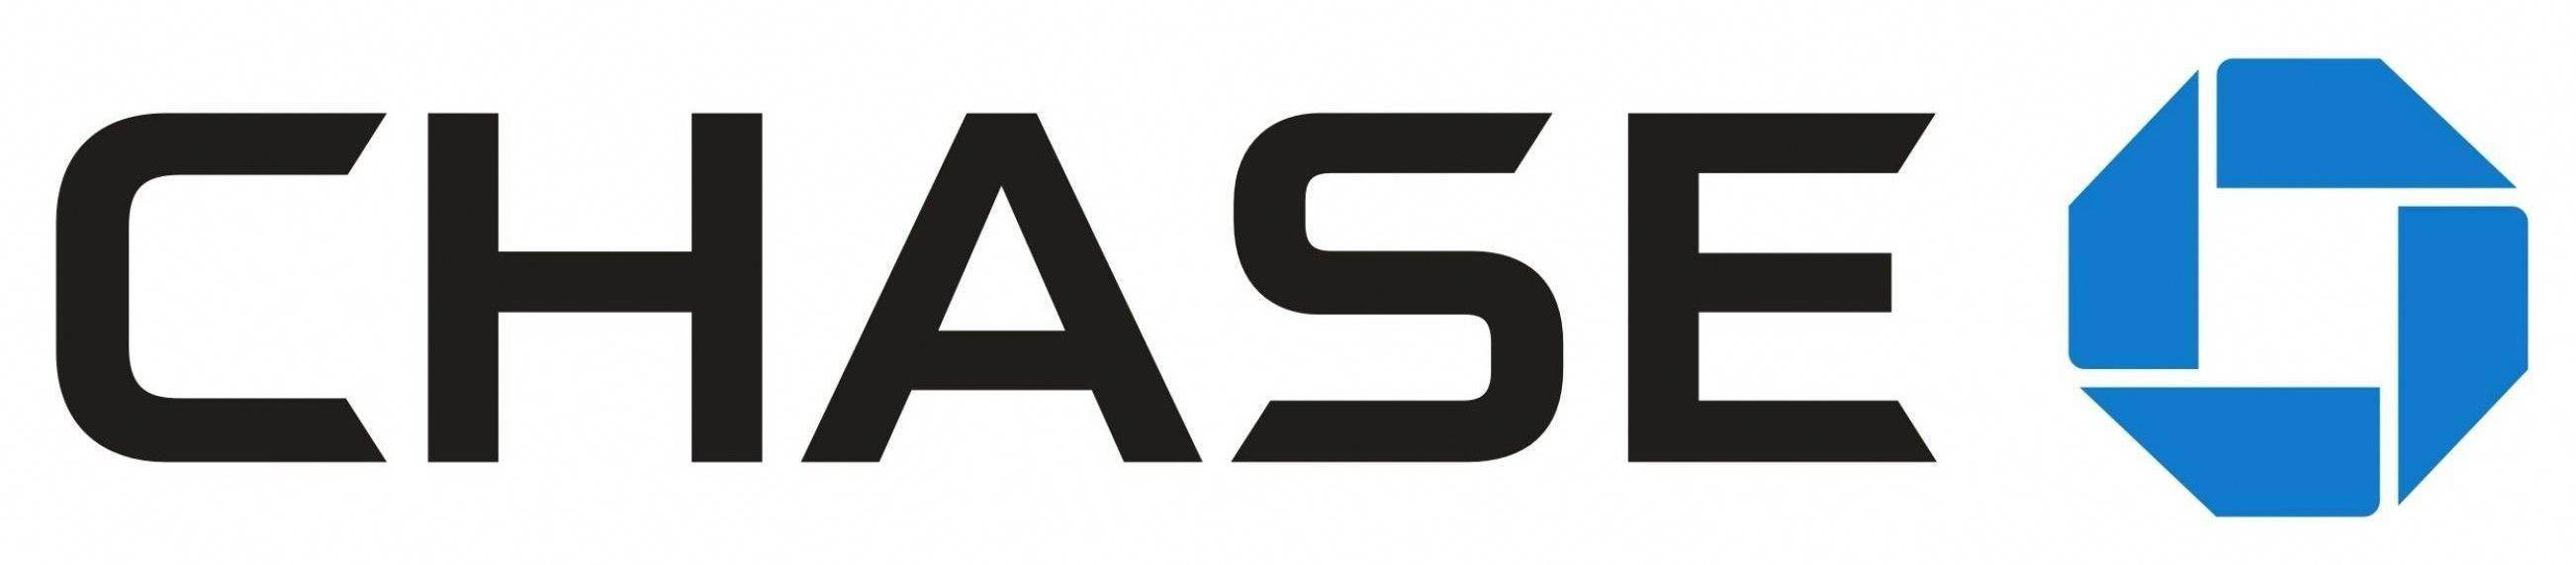 Offshorebankingbusiness chase bank banks logo saving